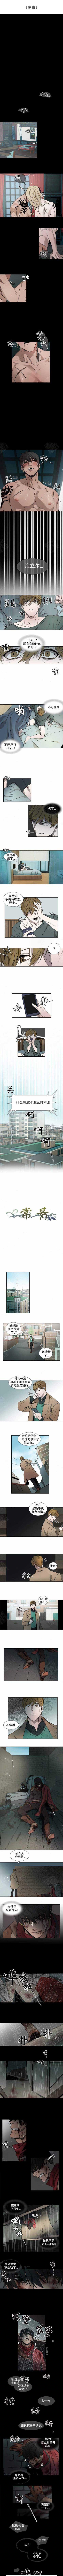 玄幻题材韩漫耽美BL漫画《常青 》新书上架 全集免费在线阅读 第一话